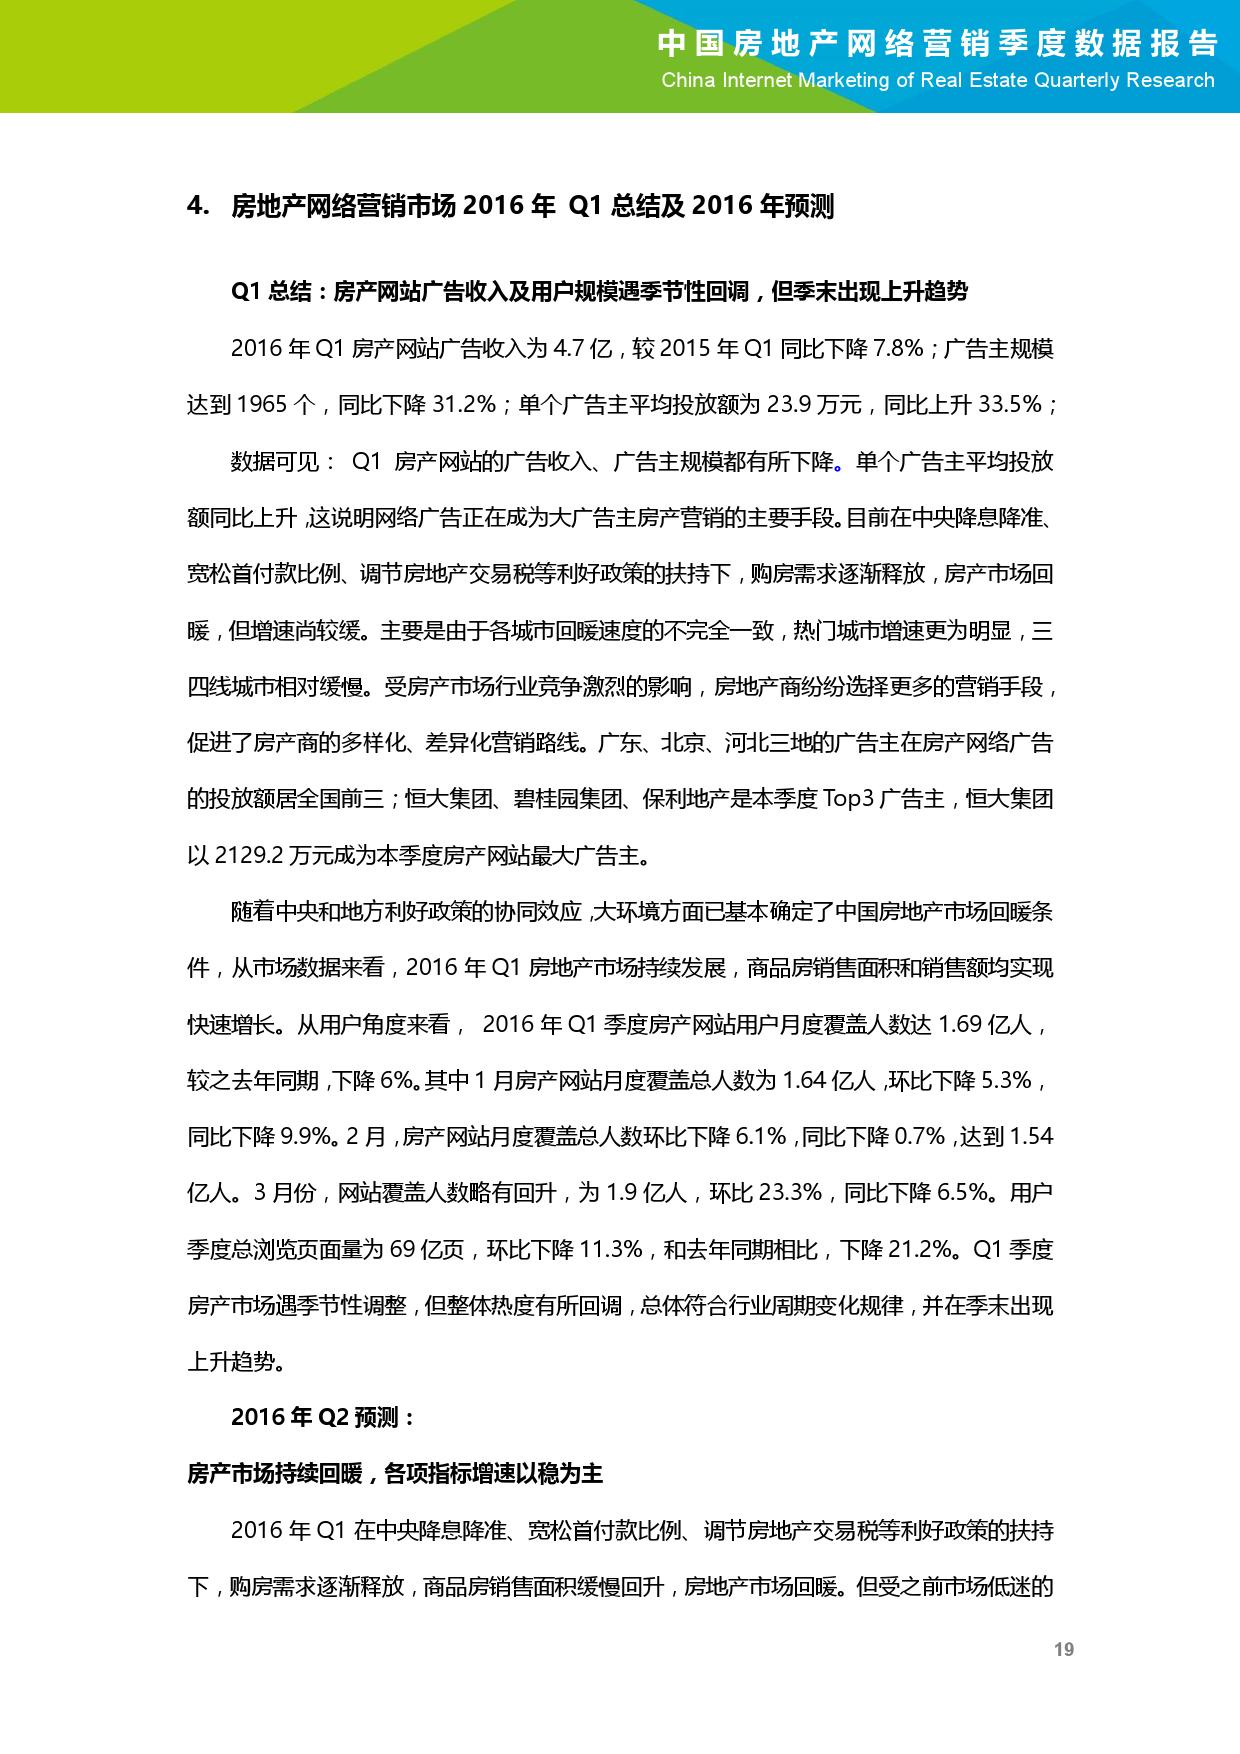 2016年Q1中国房地产网络营销季度数据报告_000020